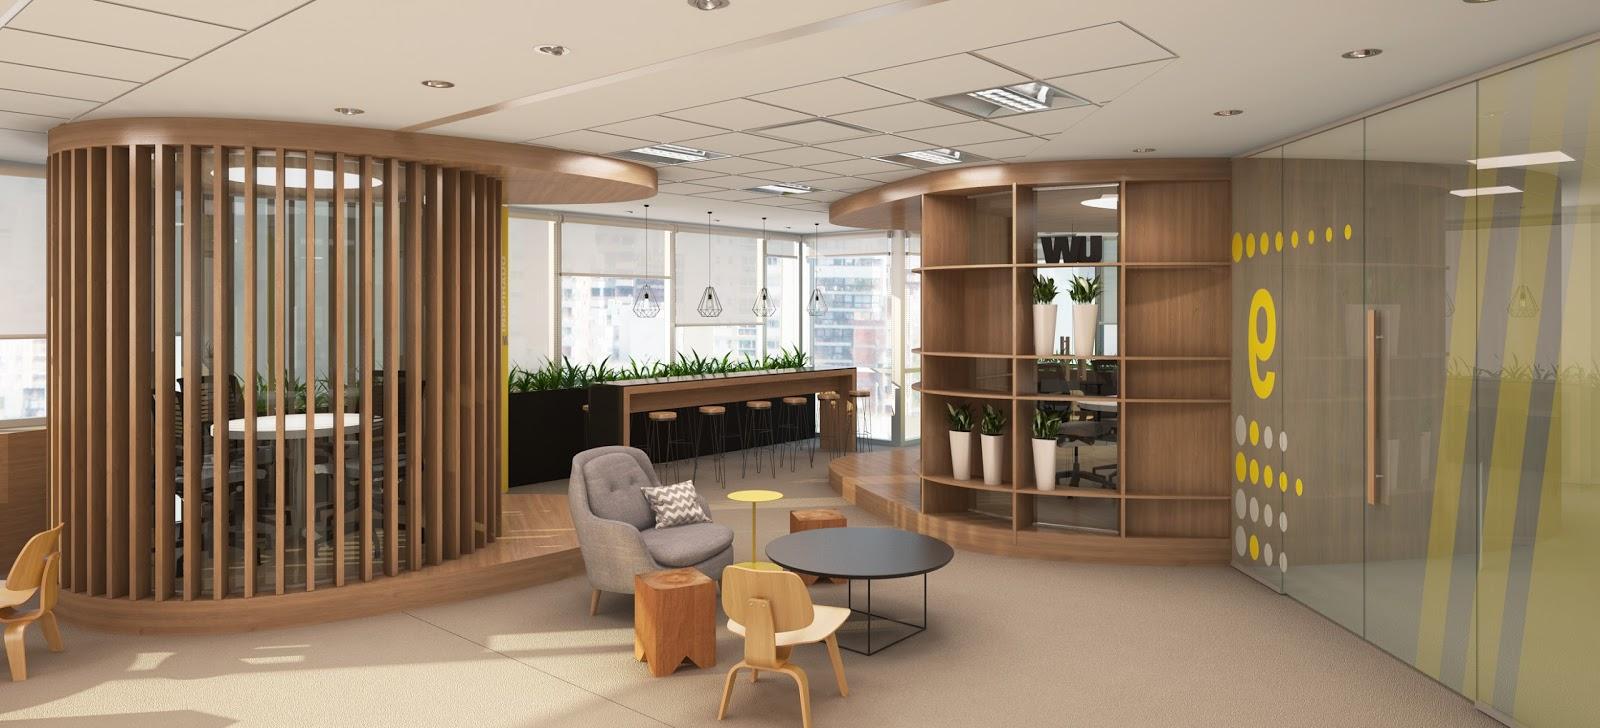 Renders arquitectura render interior for Interior oficina